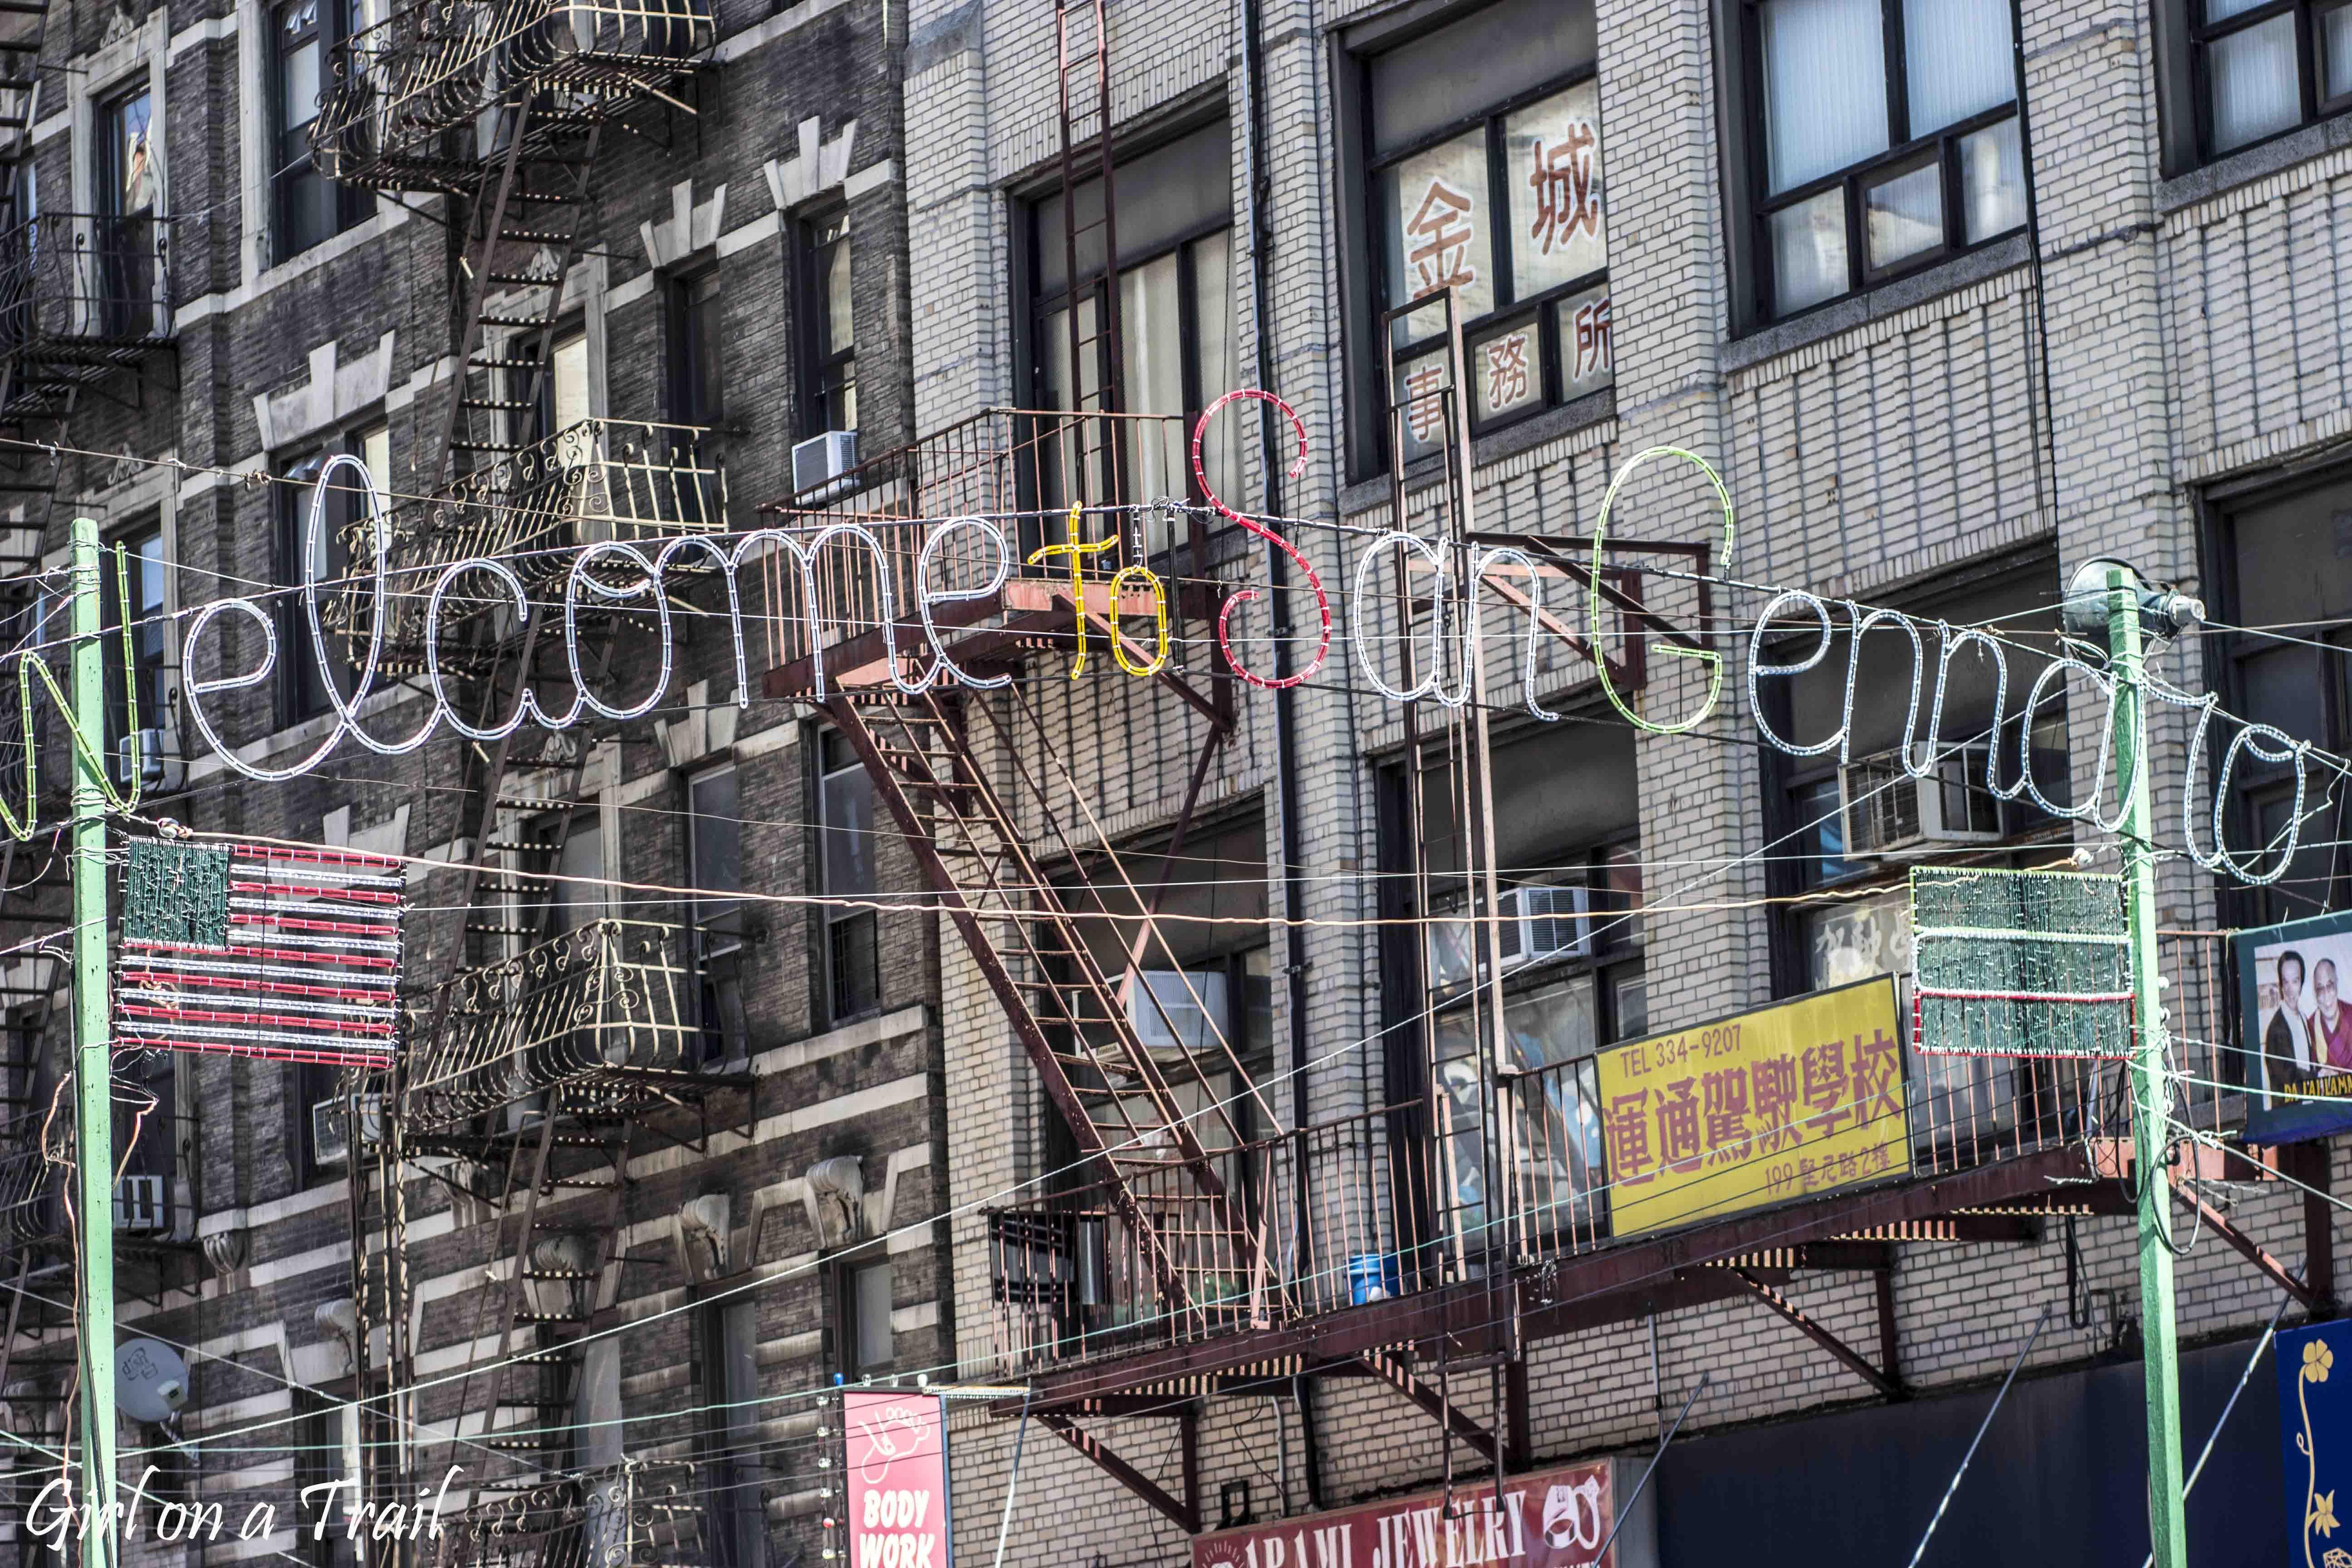 Nowy Jork - SOHO